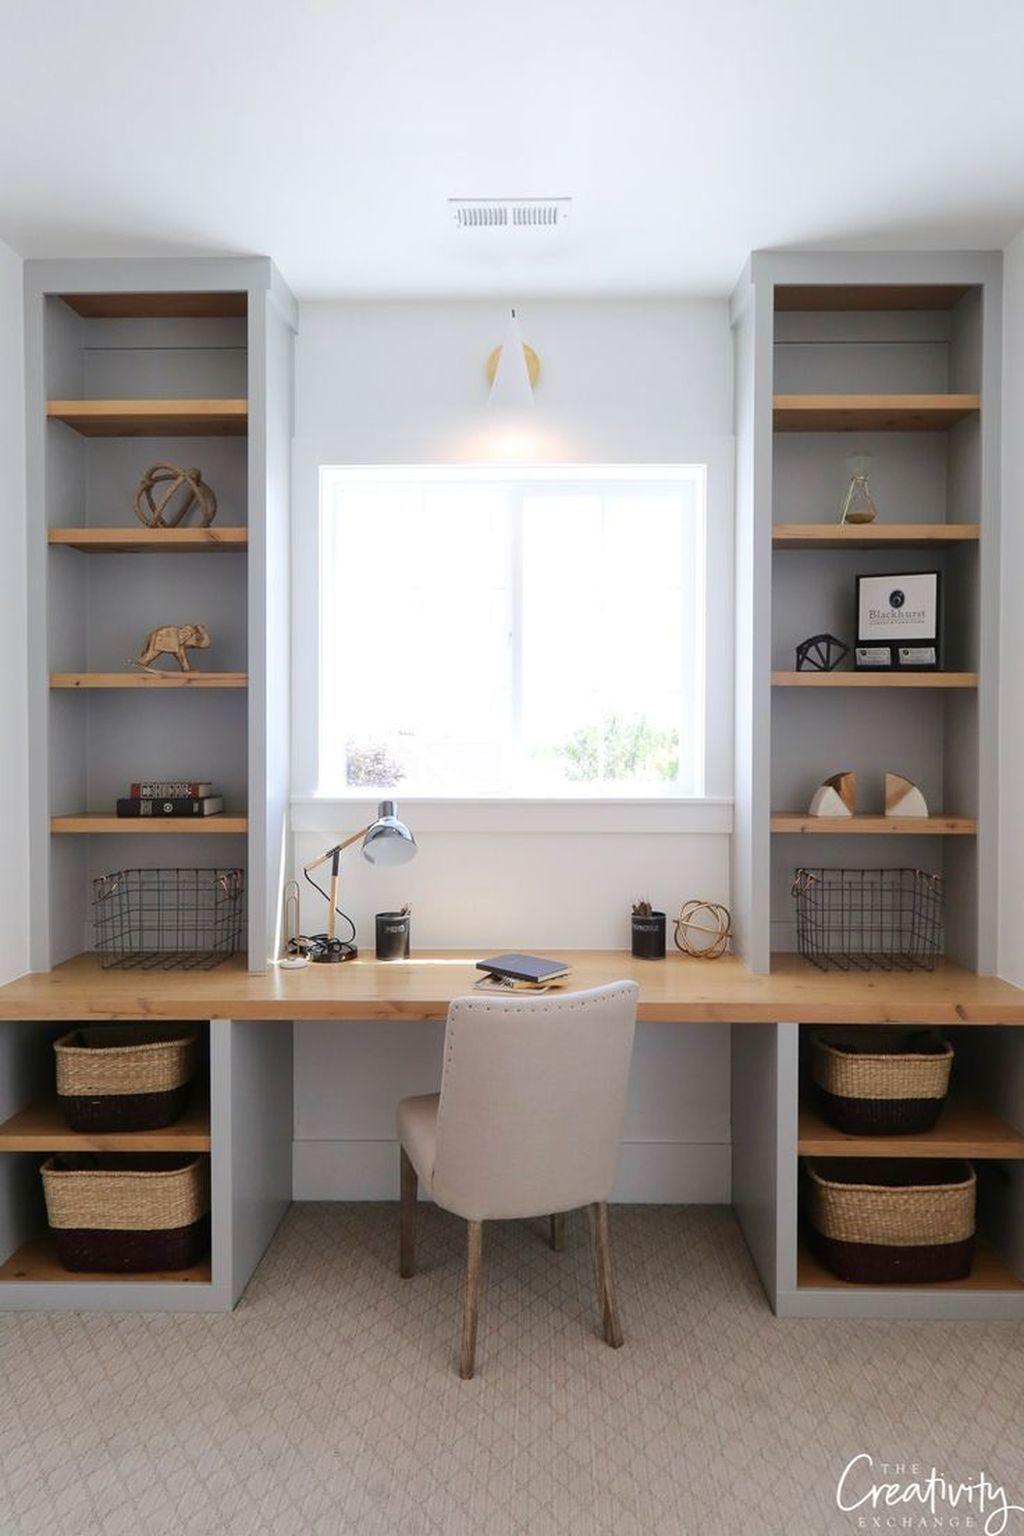 9 điều giúp bạn thiết lập một 'văn phòng làm việc' tại nhà cho riêng mình theo cách hoàn hảo nhất - Ảnh 4